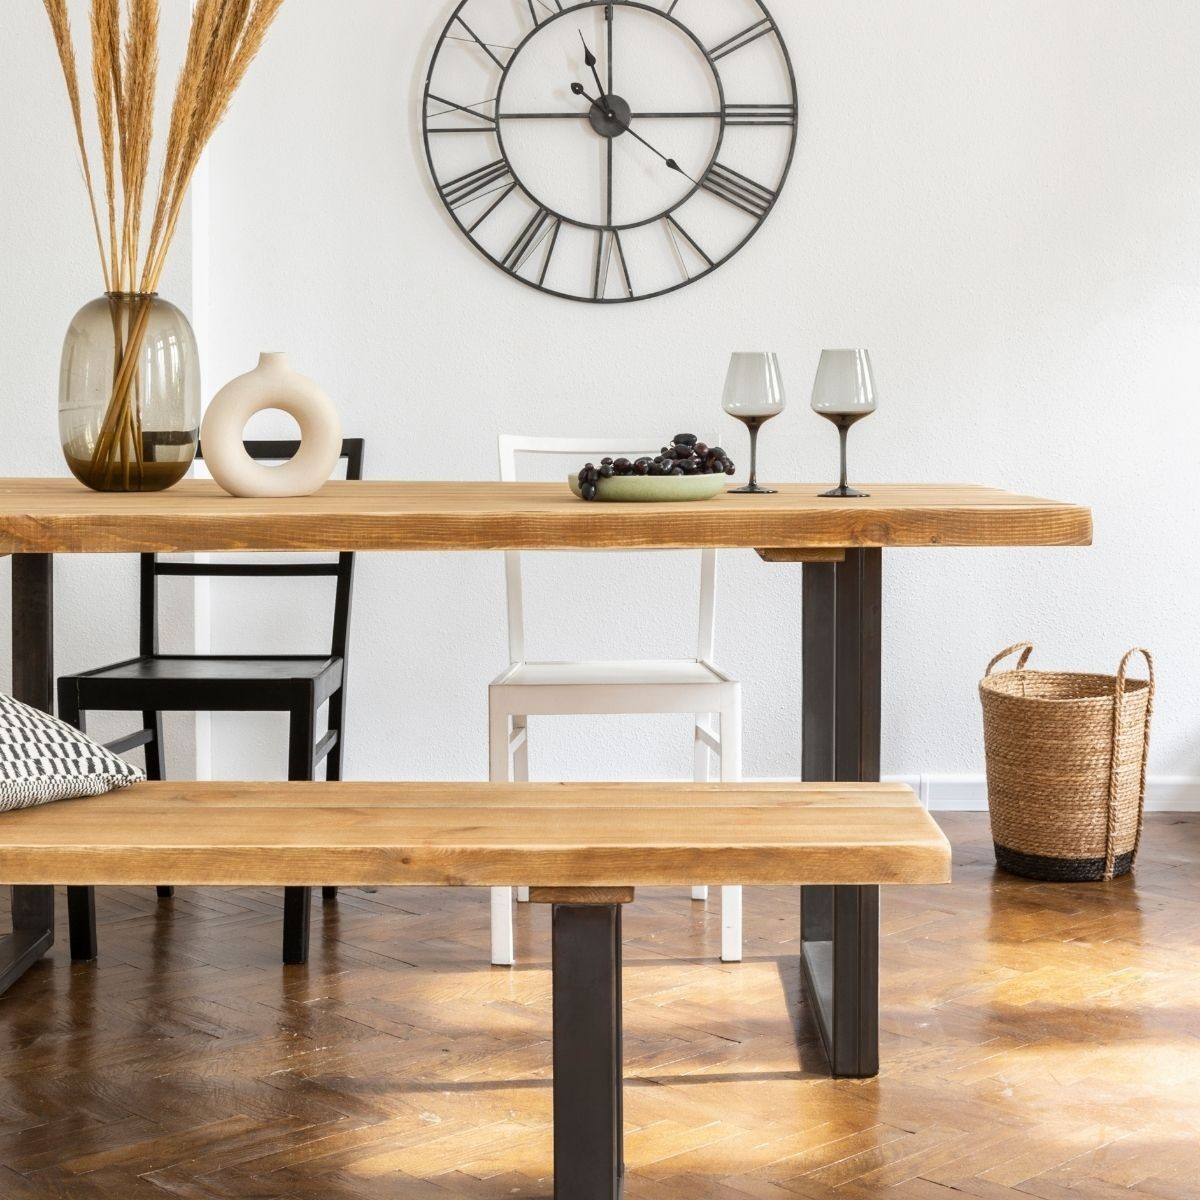 Table à manger 6 personnes pin massif bois vieilli